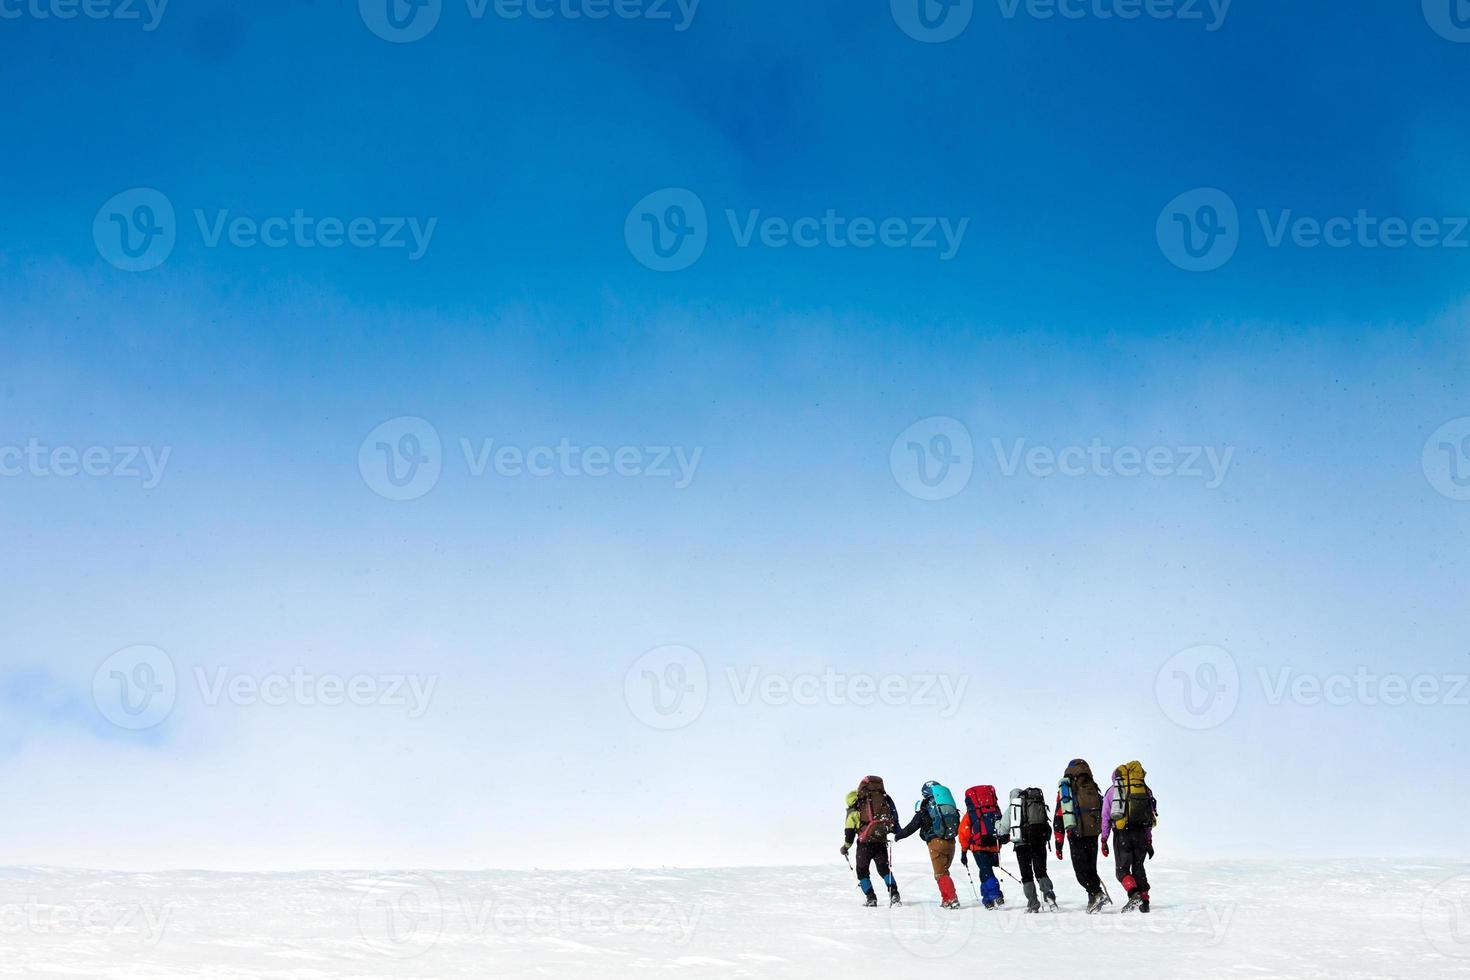 caminhadas na montanha do inverno foto